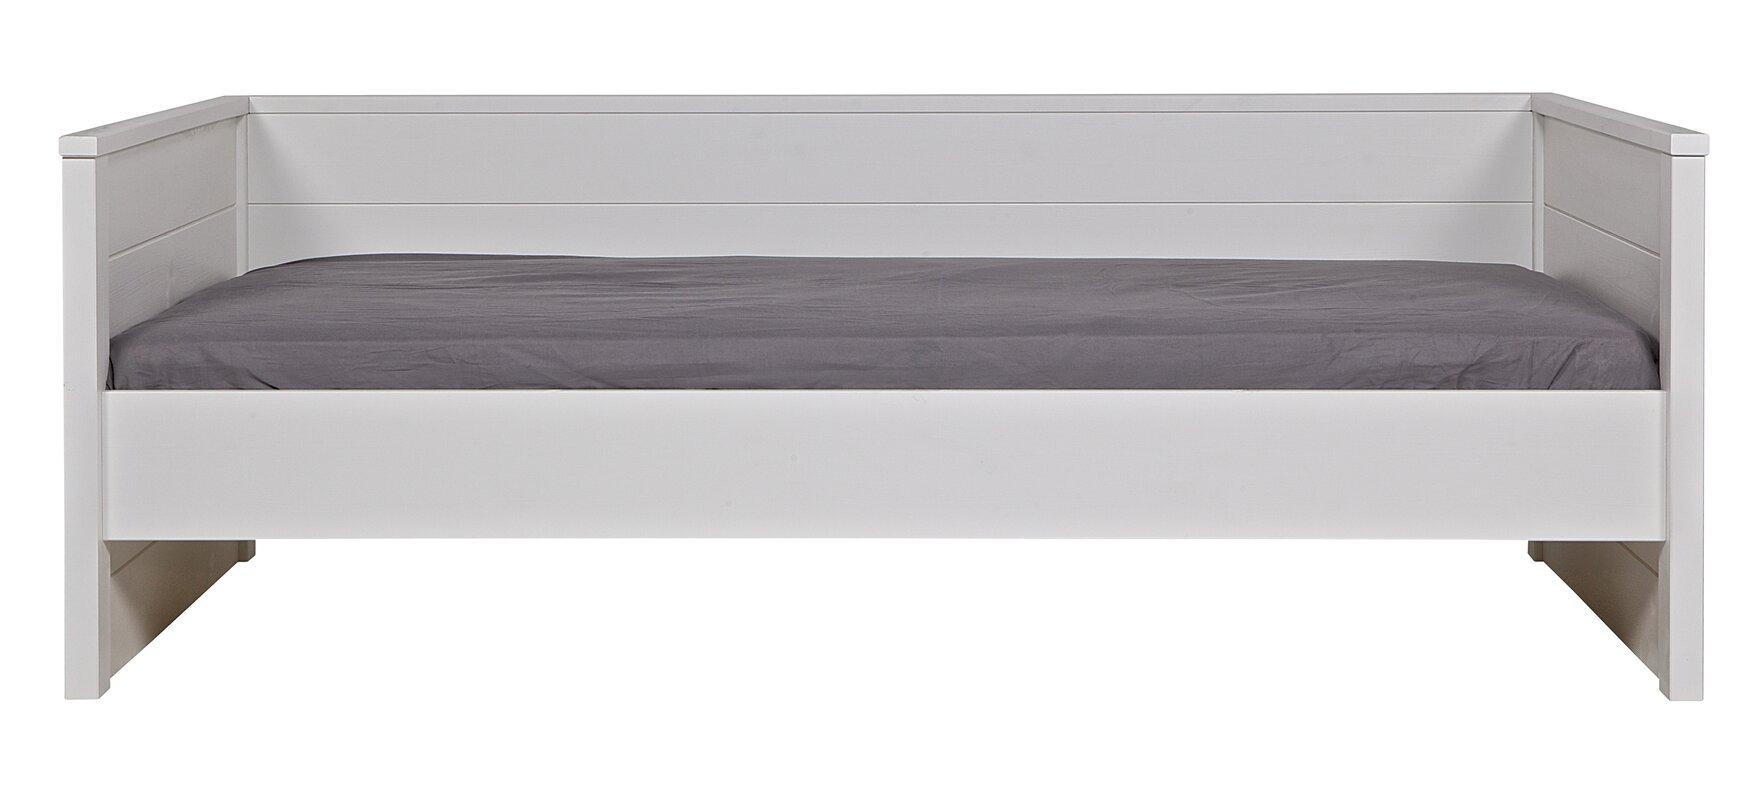 woood standard bett jade 90 x 200 cm bewertungen. Black Bedroom Furniture Sets. Home Design Ideas